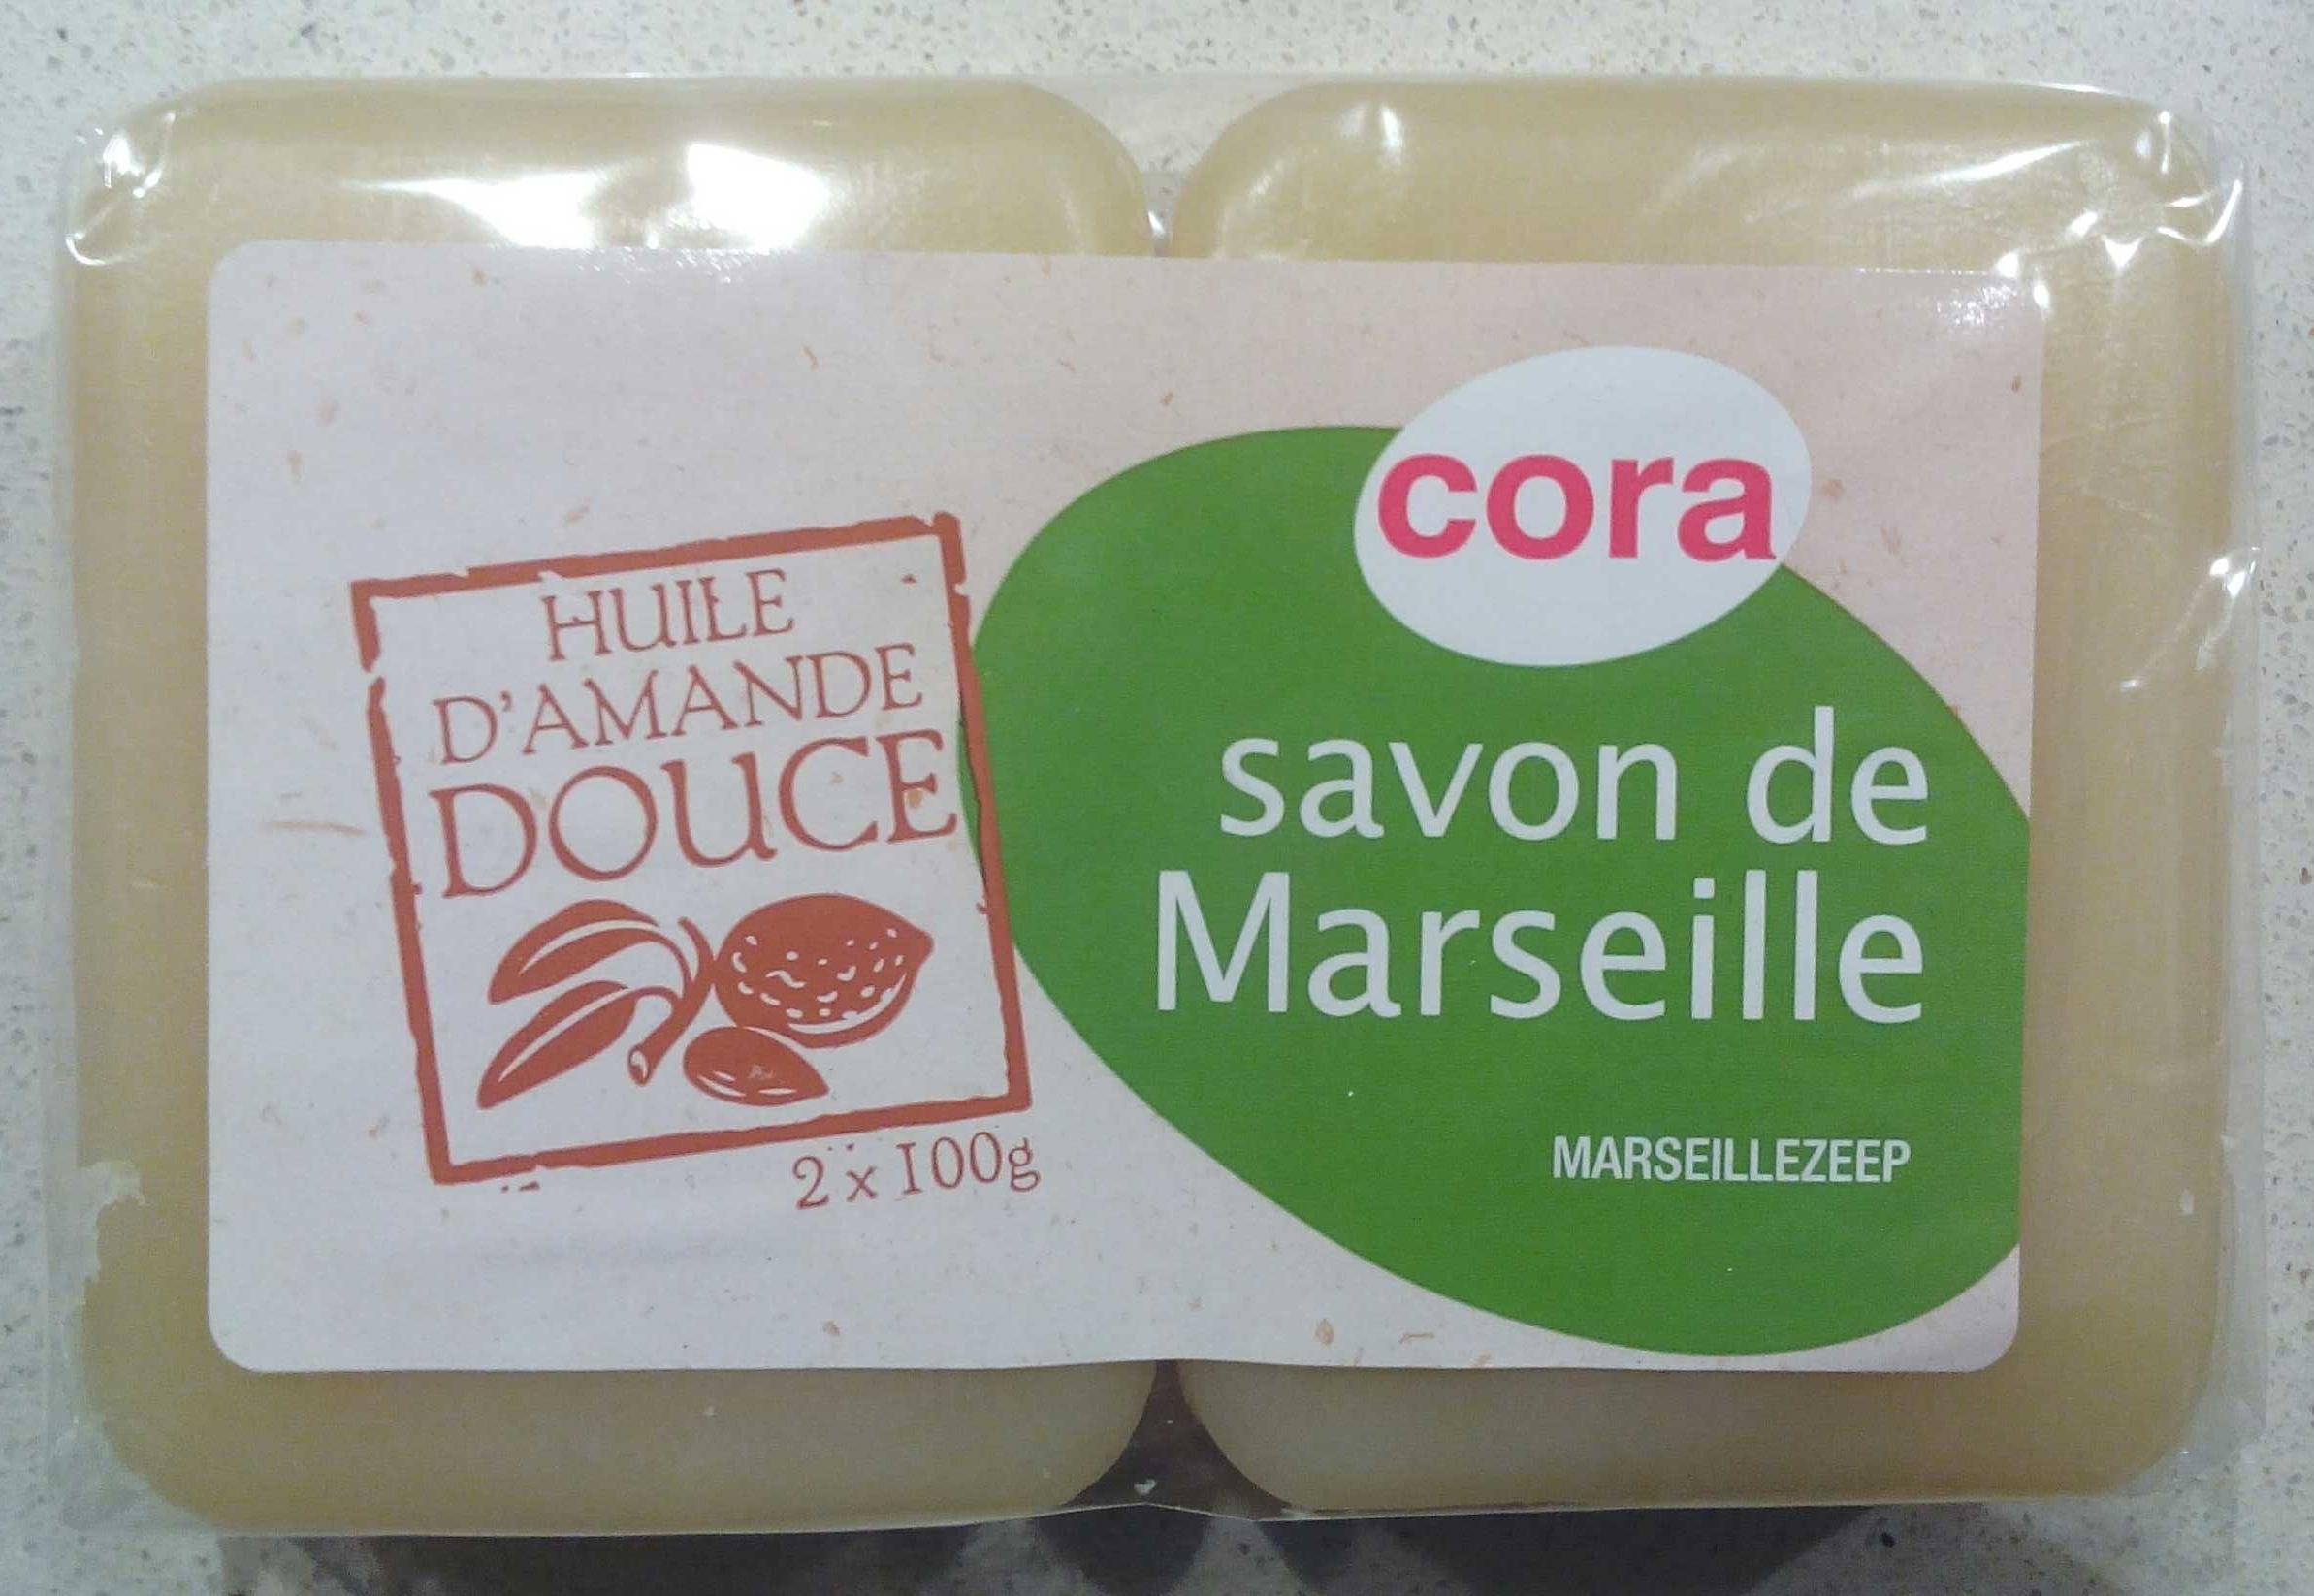 Savon de Marseille Huile d'Amande Douce - Product - fr